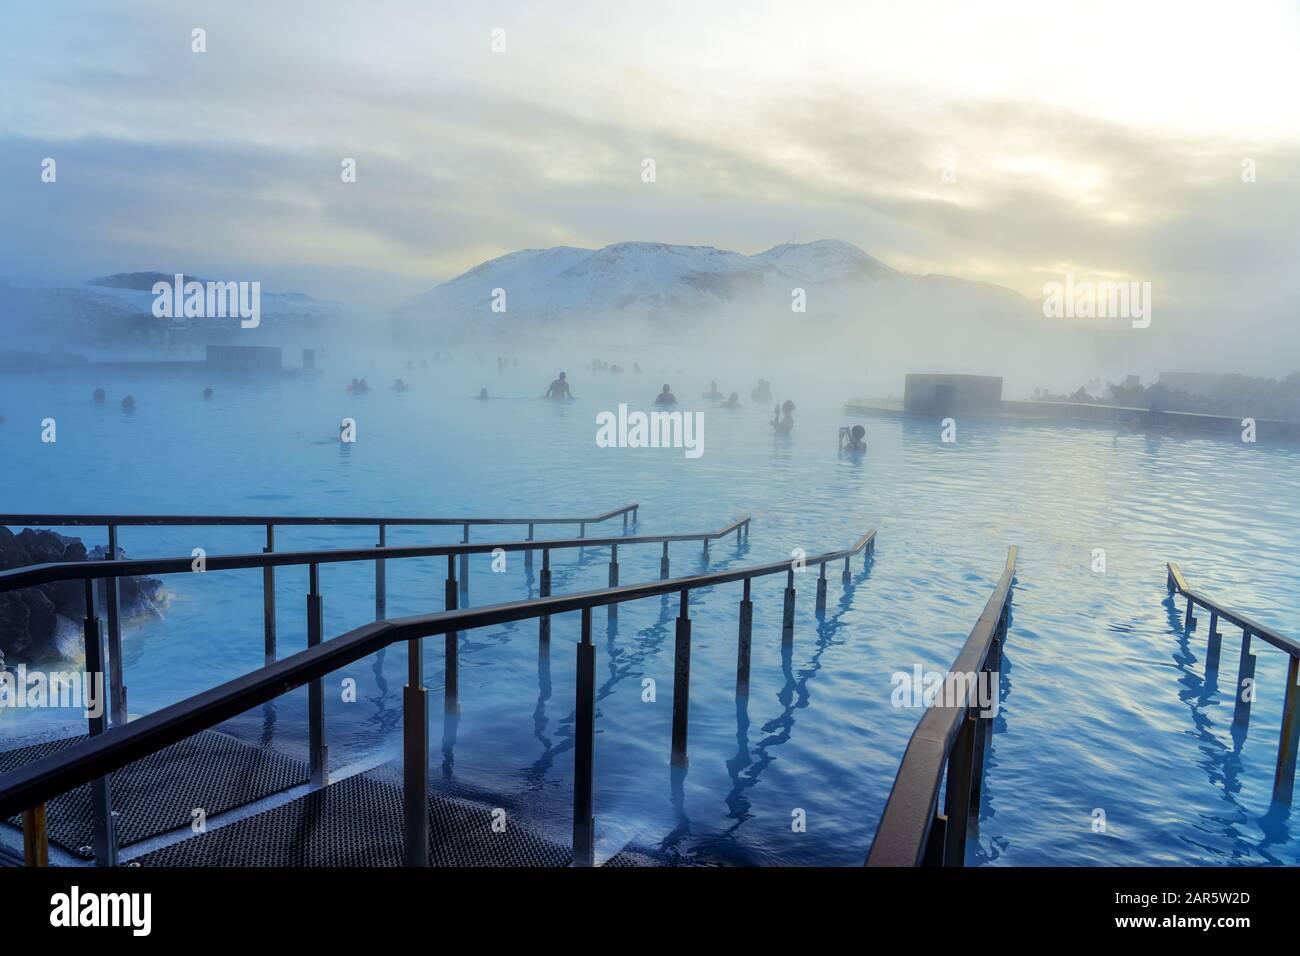 Laguna azul junto a Reykjavik con gente bañándose en esta fuente termal natural. Foto de stock